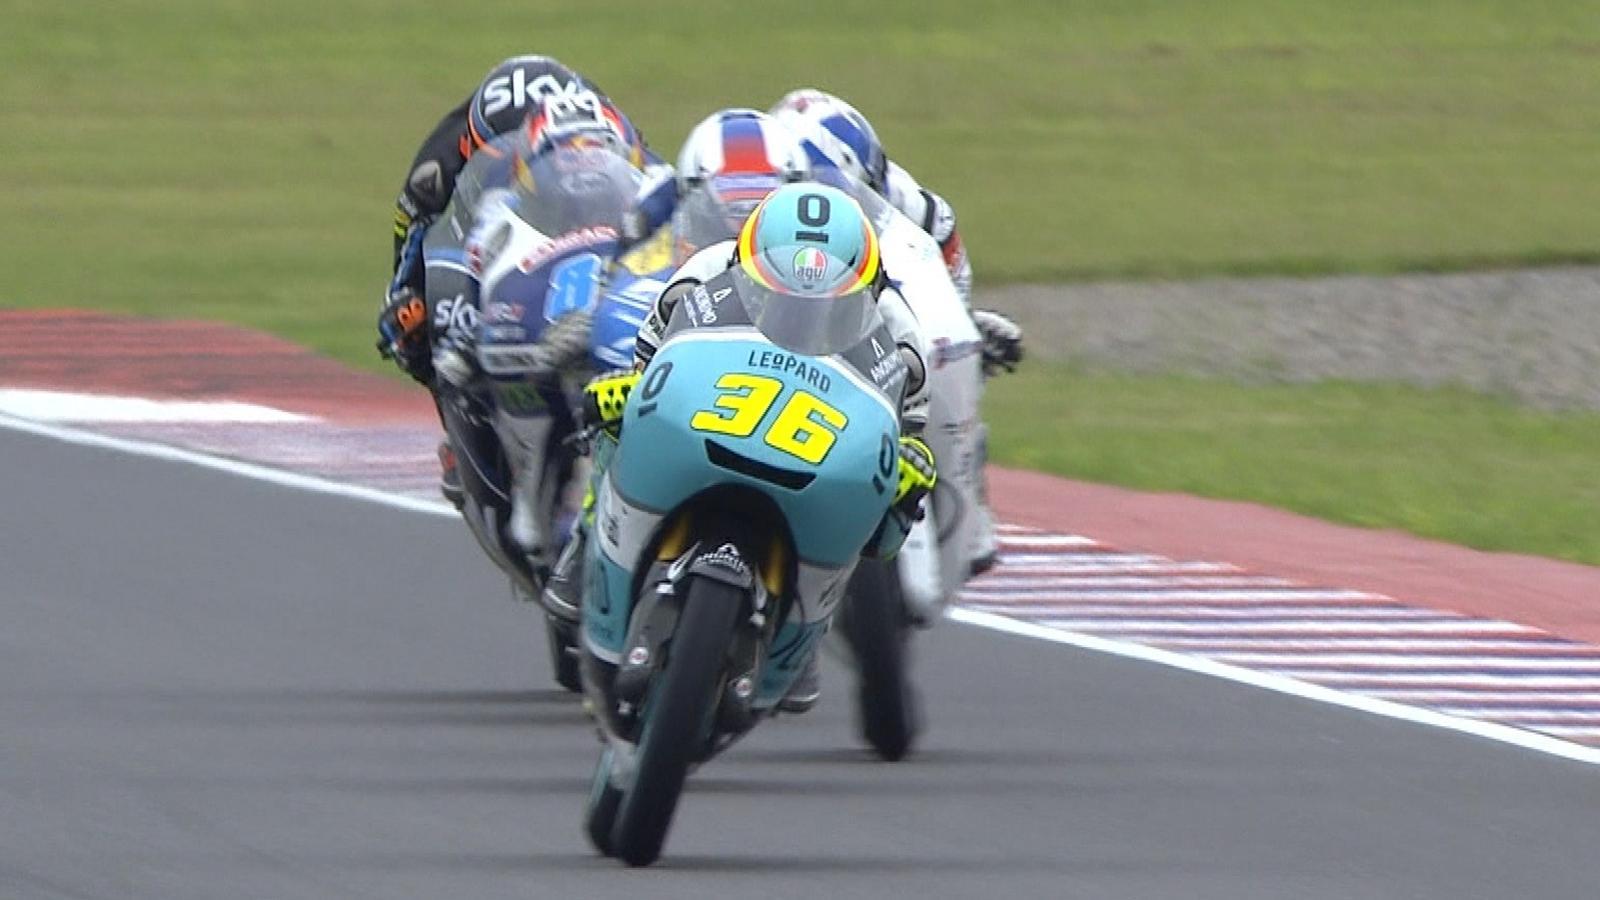 Der Große Preis von Argentinien fand am Januar auf dem Autódromo Municipal Ciudad de Buenos Aires statt und war das erste Rennen der Automobil-Weltmeisterschaft